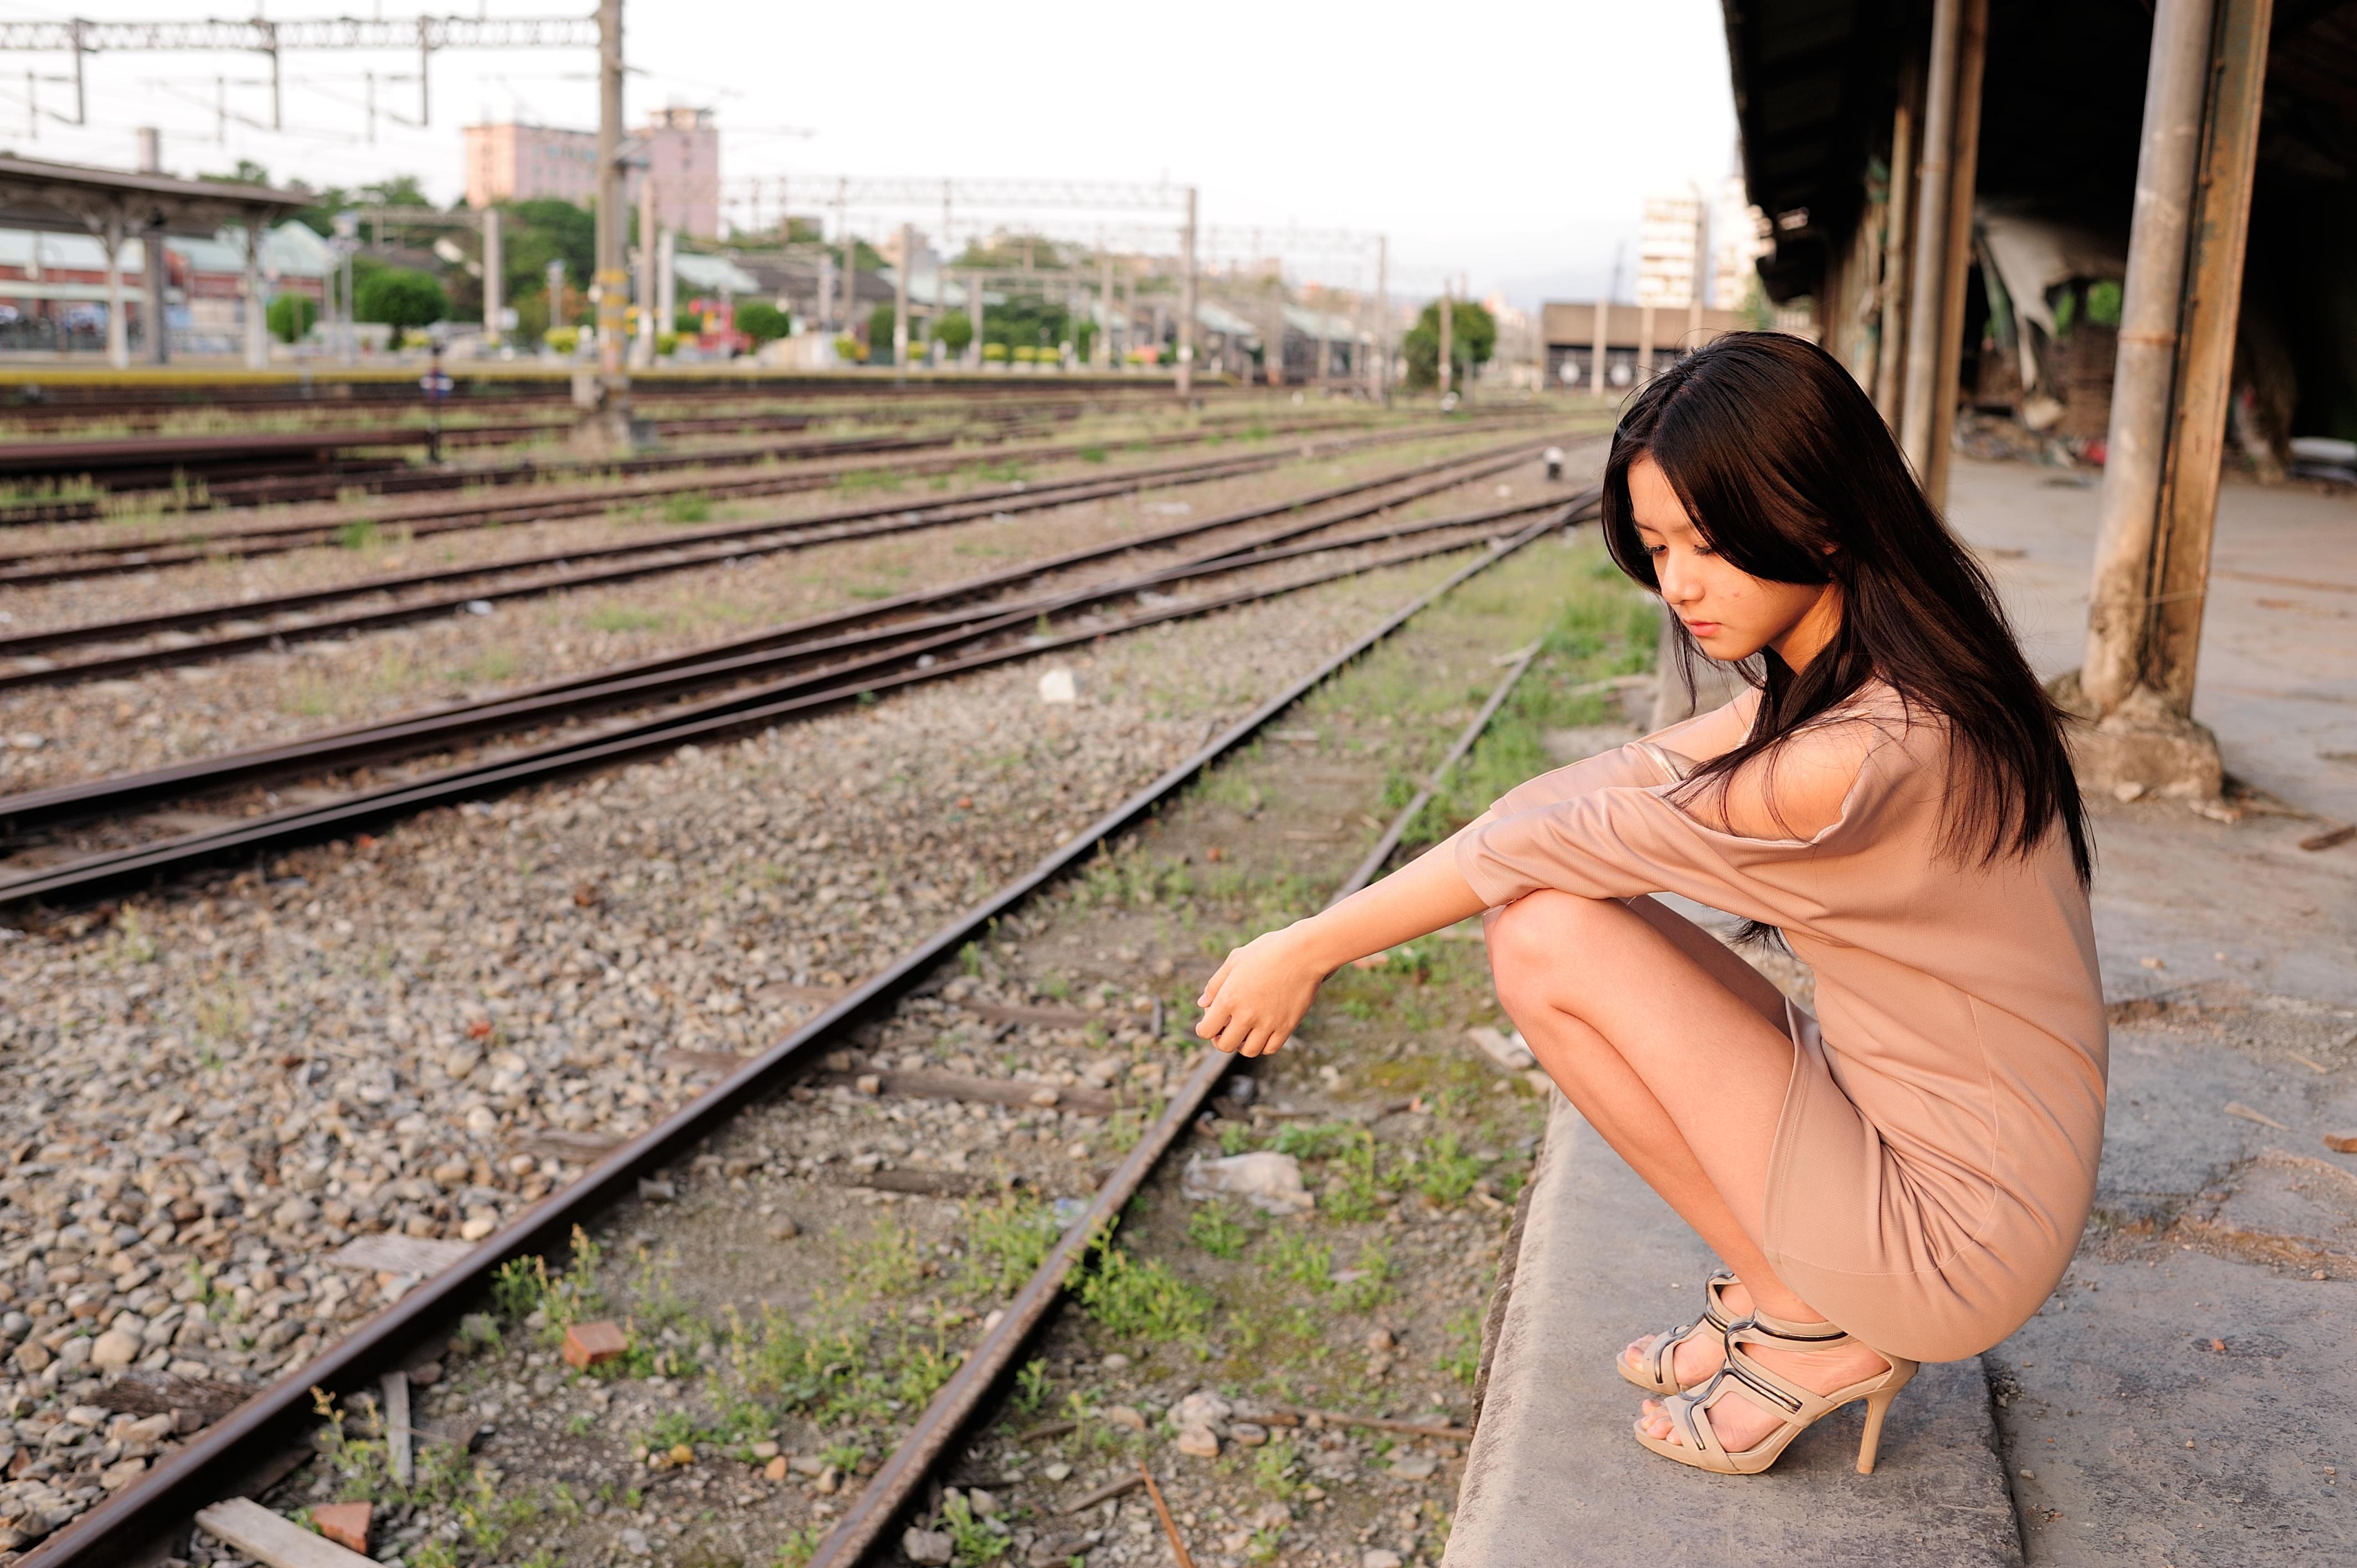 無料写真素材 人物 女性アジア 台湾人 鉄道駅・プラットフォーム 鉄道・線路画像素材なら!無料・フリー写真素材のフリーフォト